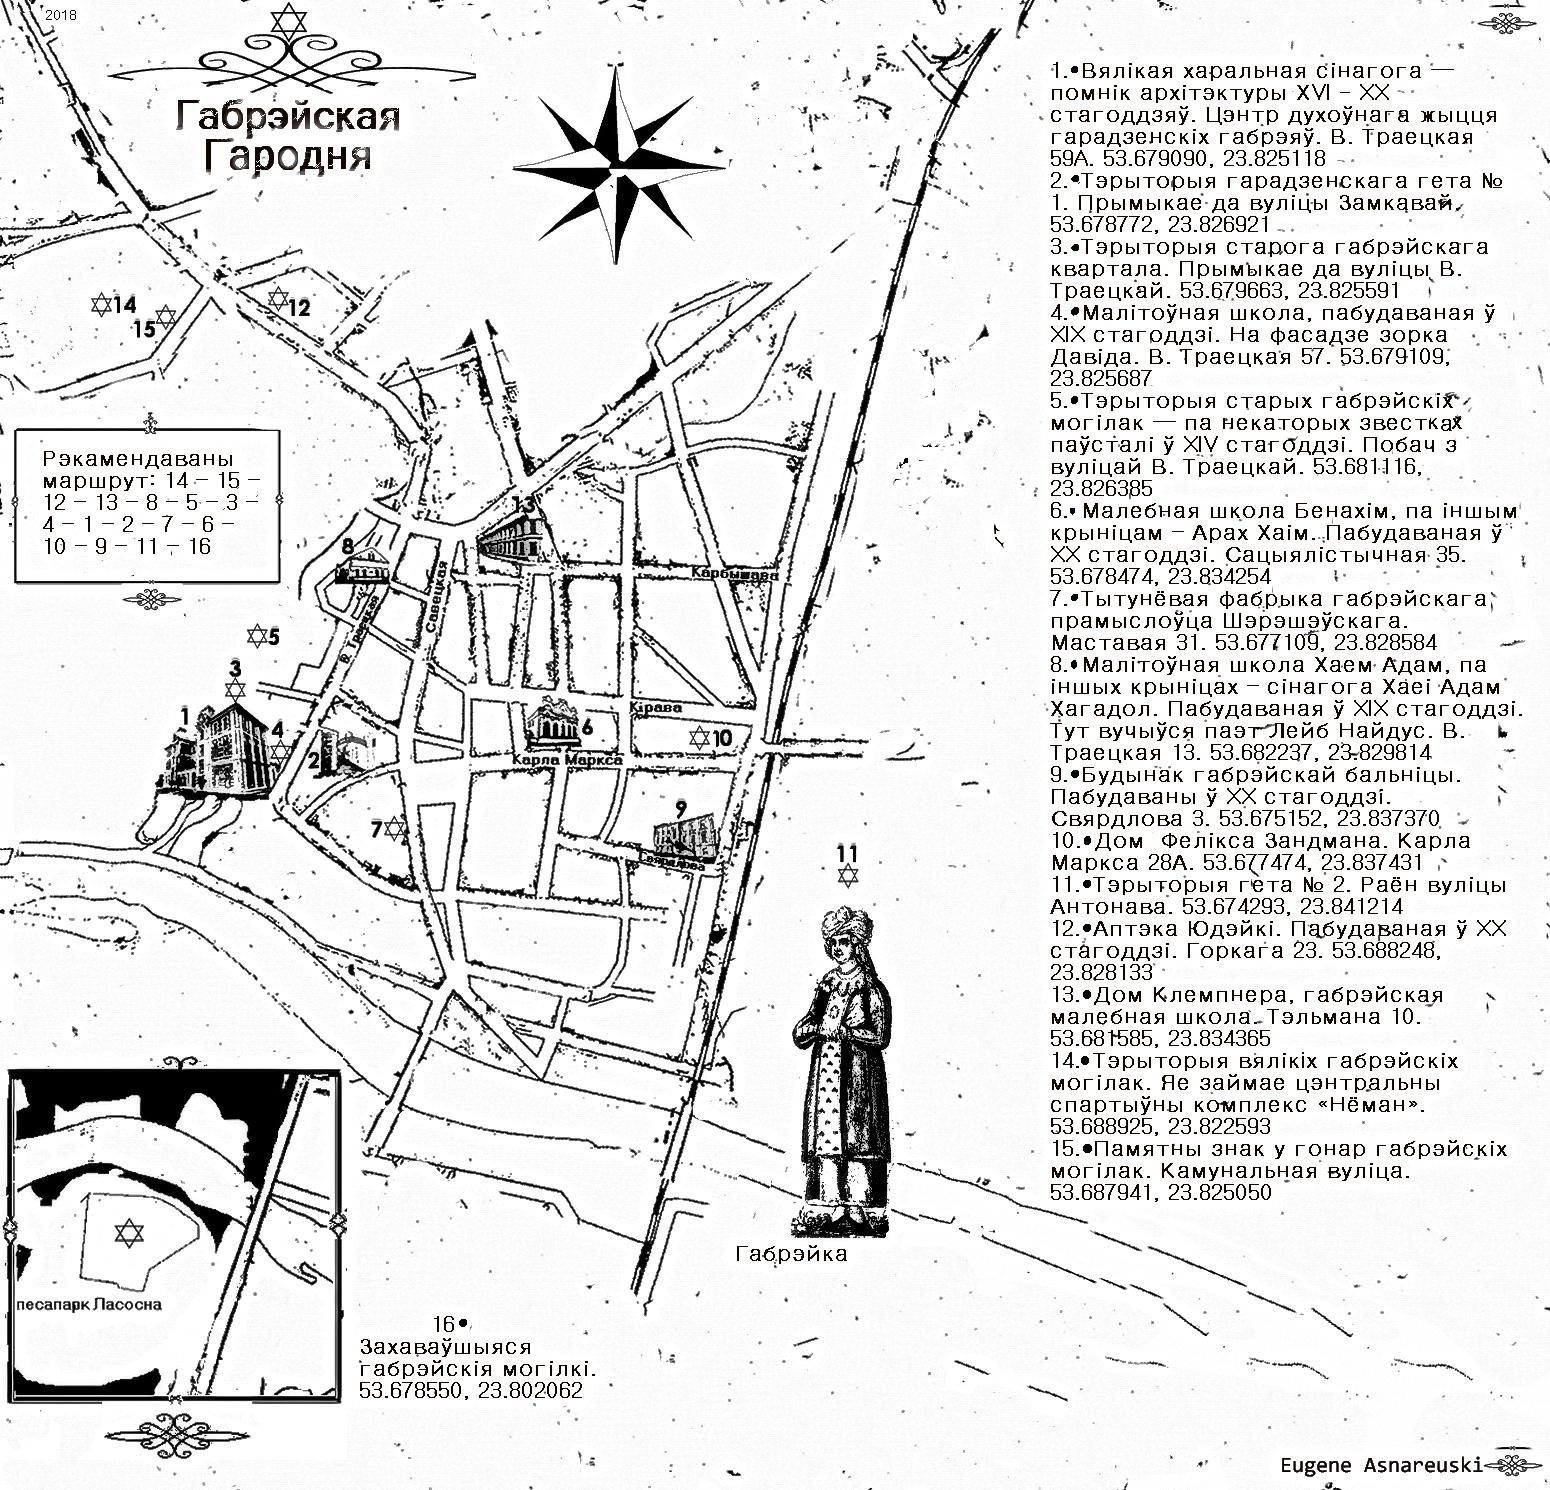 Не только синагога. Блогер разработал карту и маршрут по еврейскому наследию Гродно